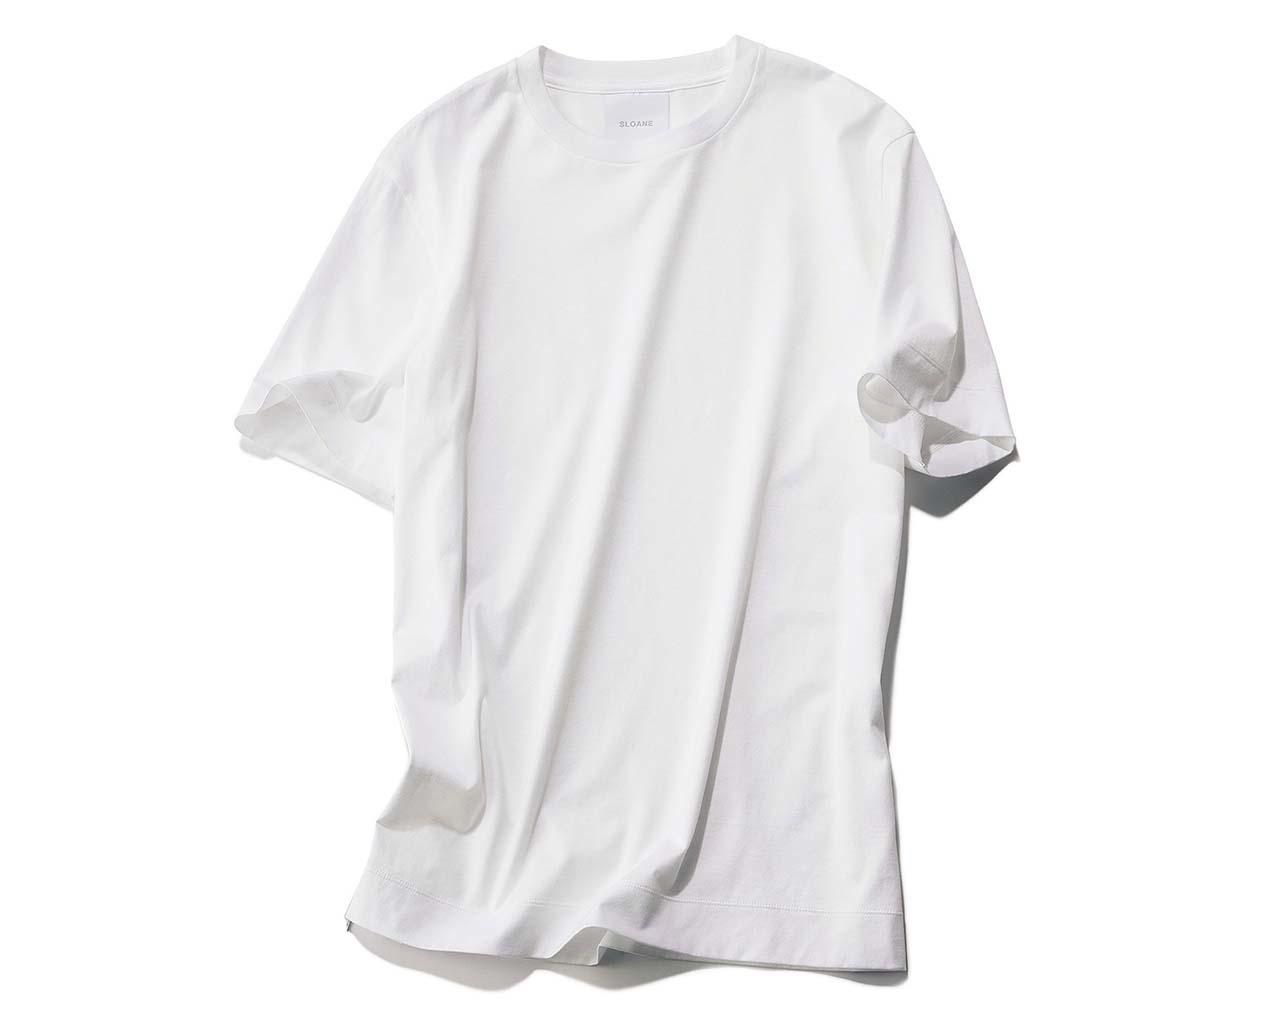 スローンの白Tシャツ